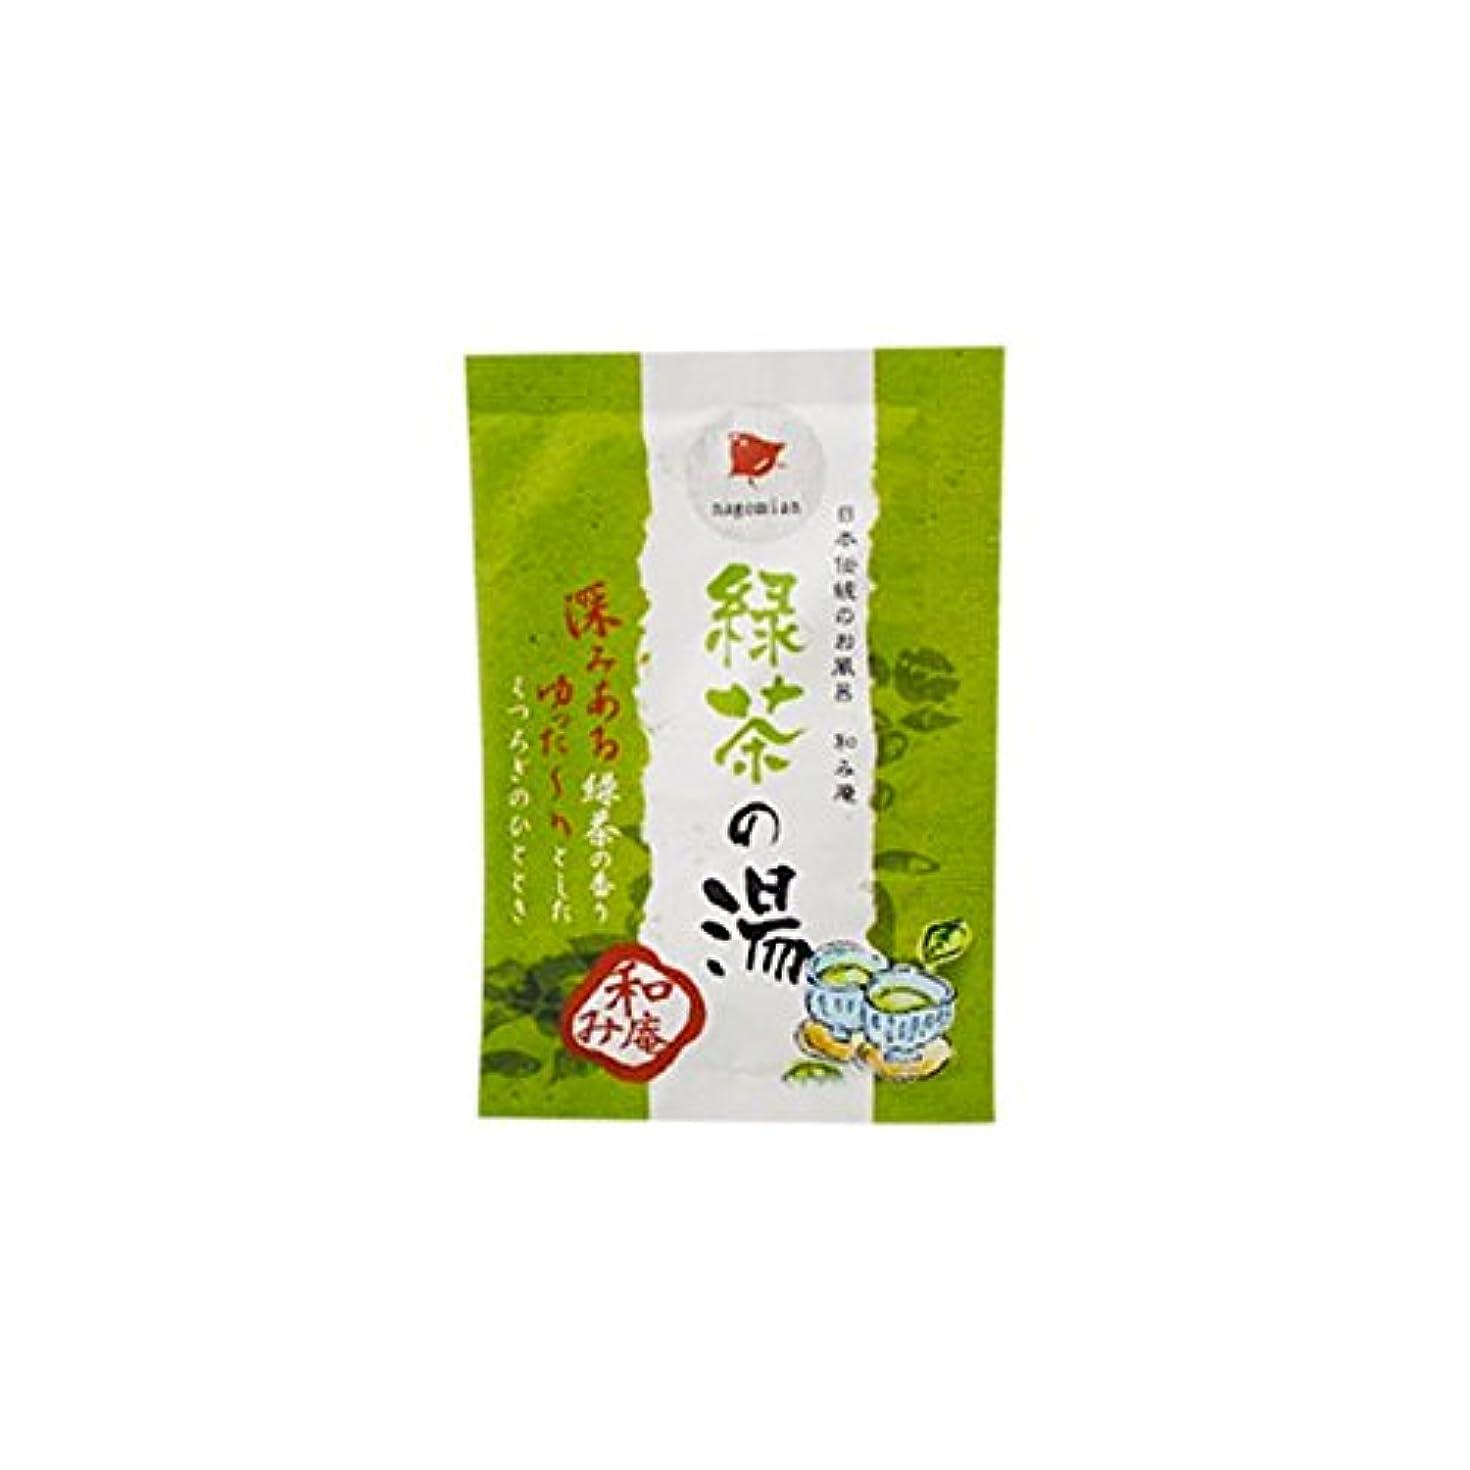 祈り天の粘性の和み庵 入浴剤 「緑茶の湯」30個